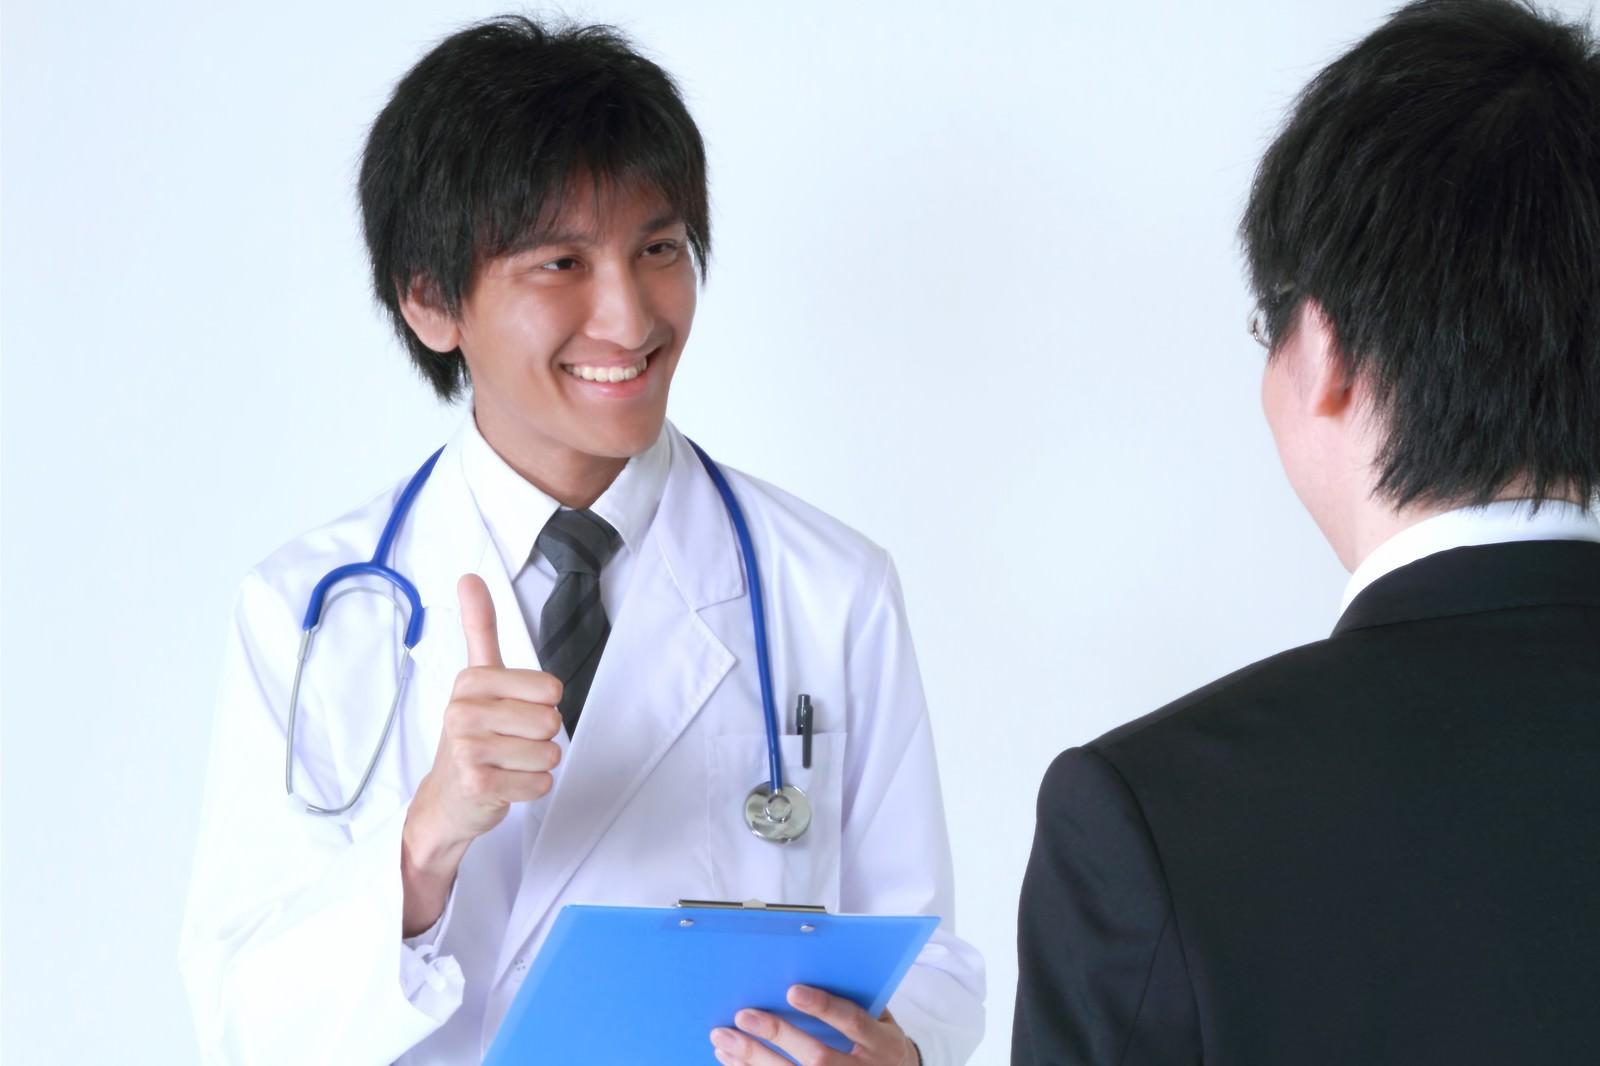 「サラリーマンに笑顔で診断結果を話す医者サラリーマンに笑顔で診断結果を話す医者」[モデル:ACE]のフリー写真素材を拡大